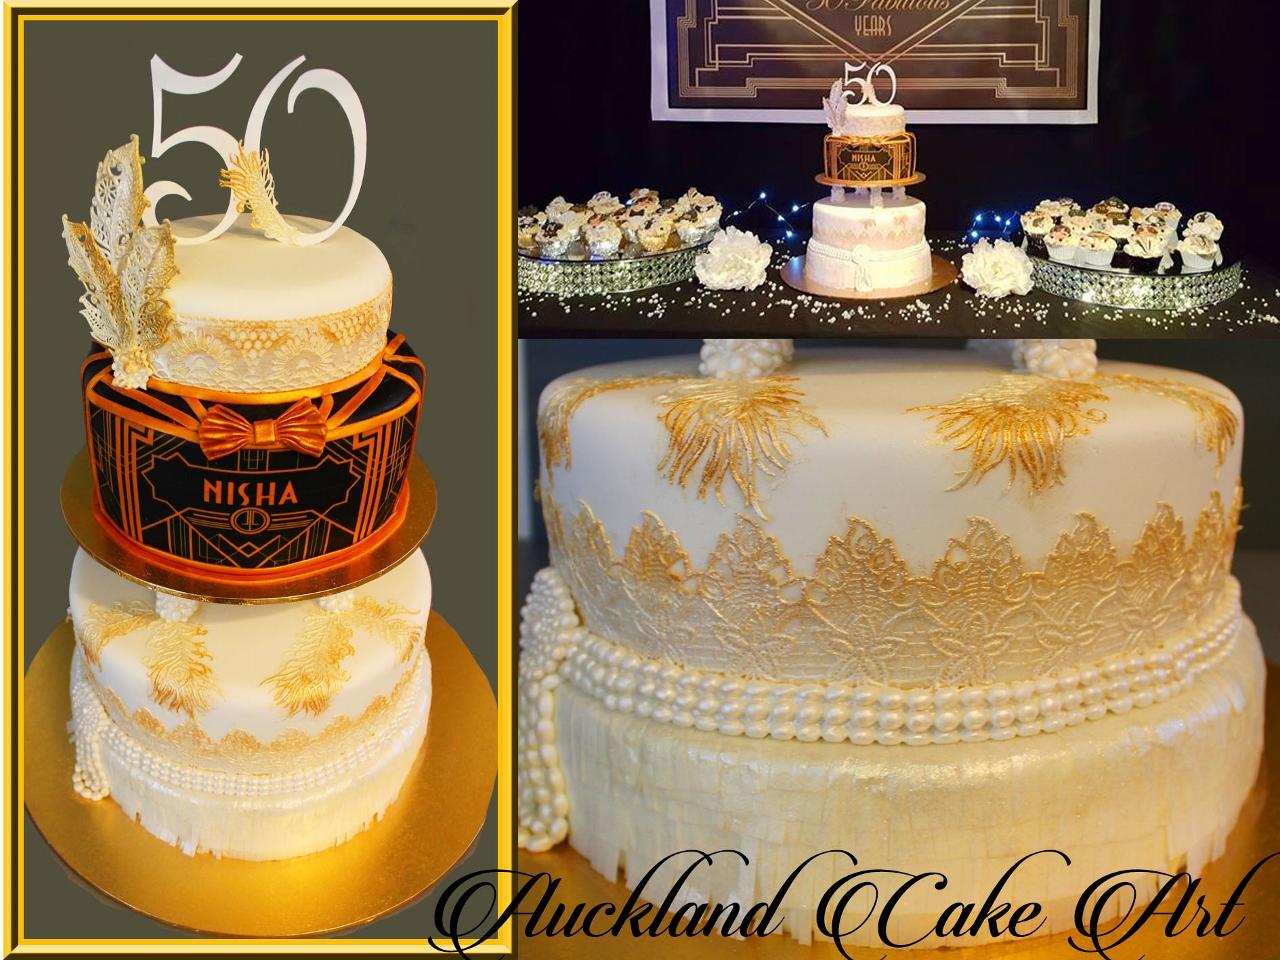 Birthday Cake Nisha Images : Birthday Cakes   Women   Auckland Cake Art